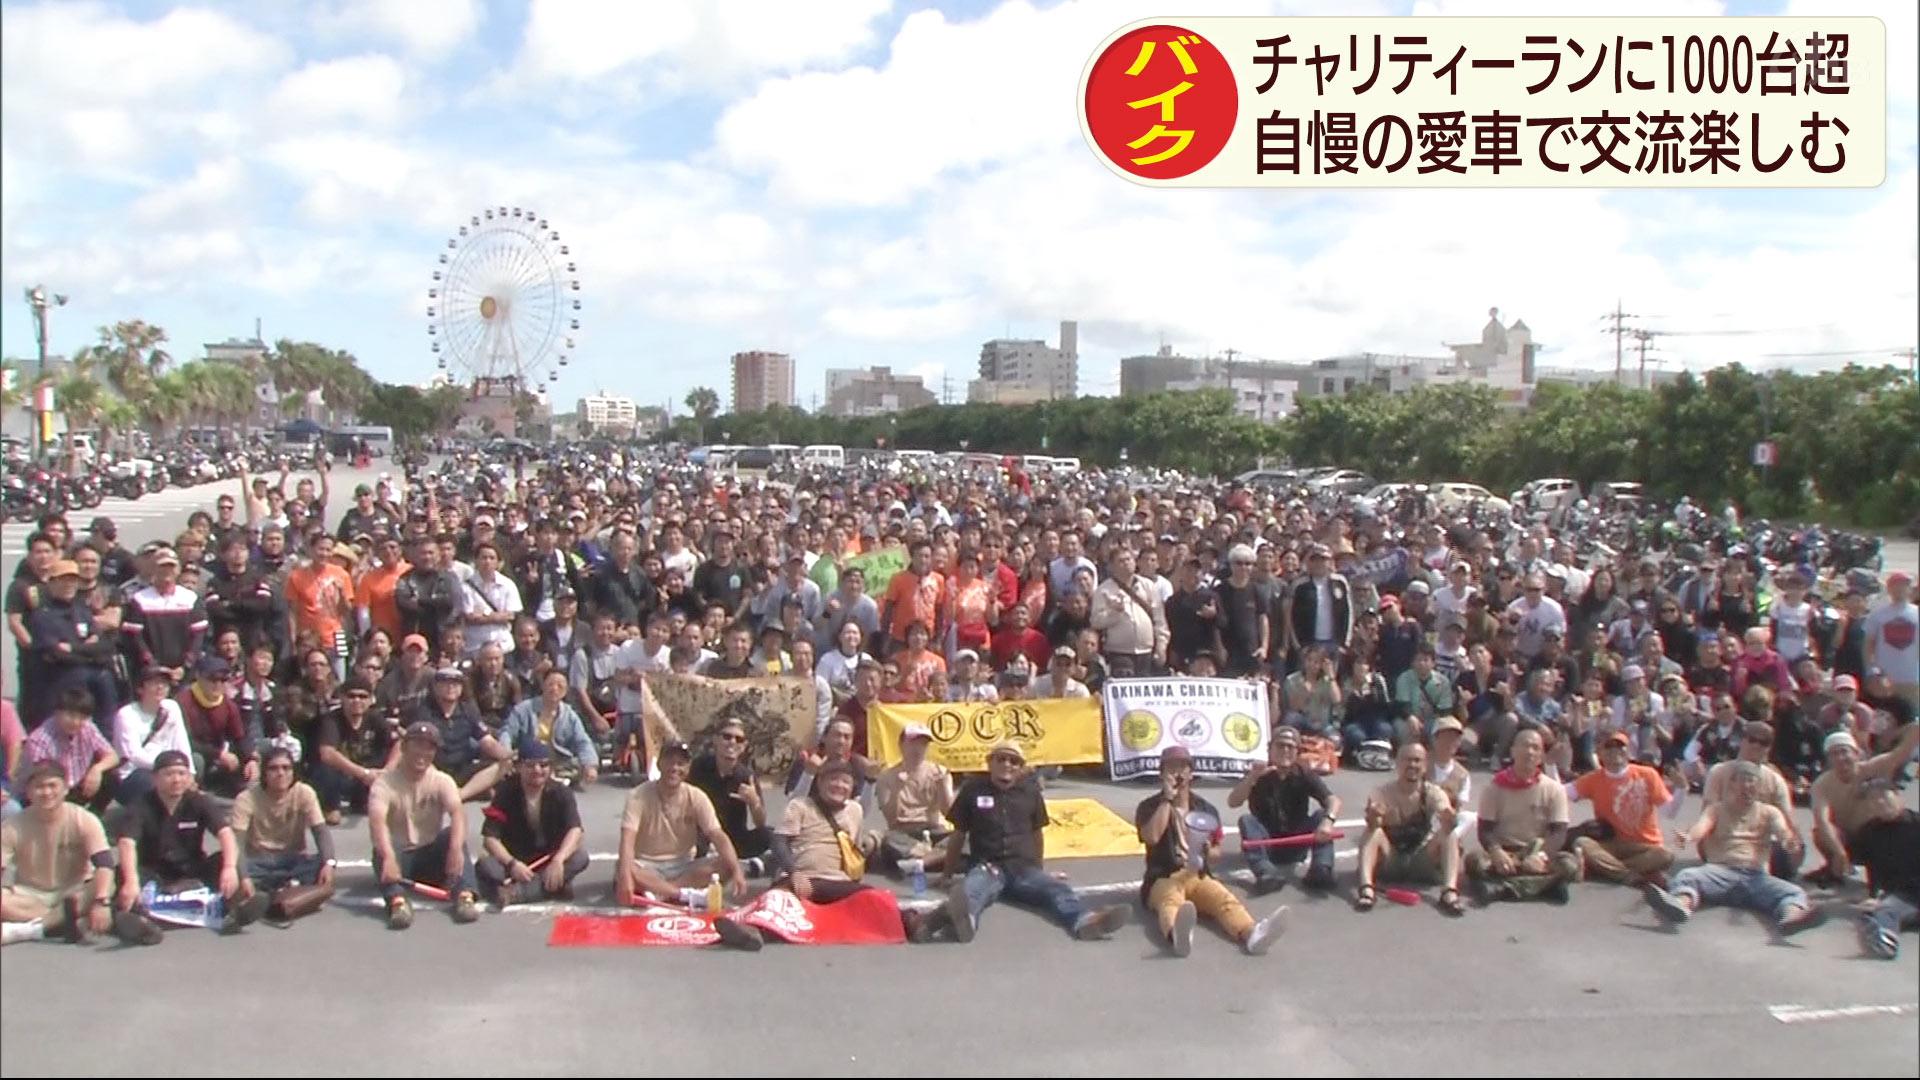 バイク愛好家大集合 沖縄チャリティーラン